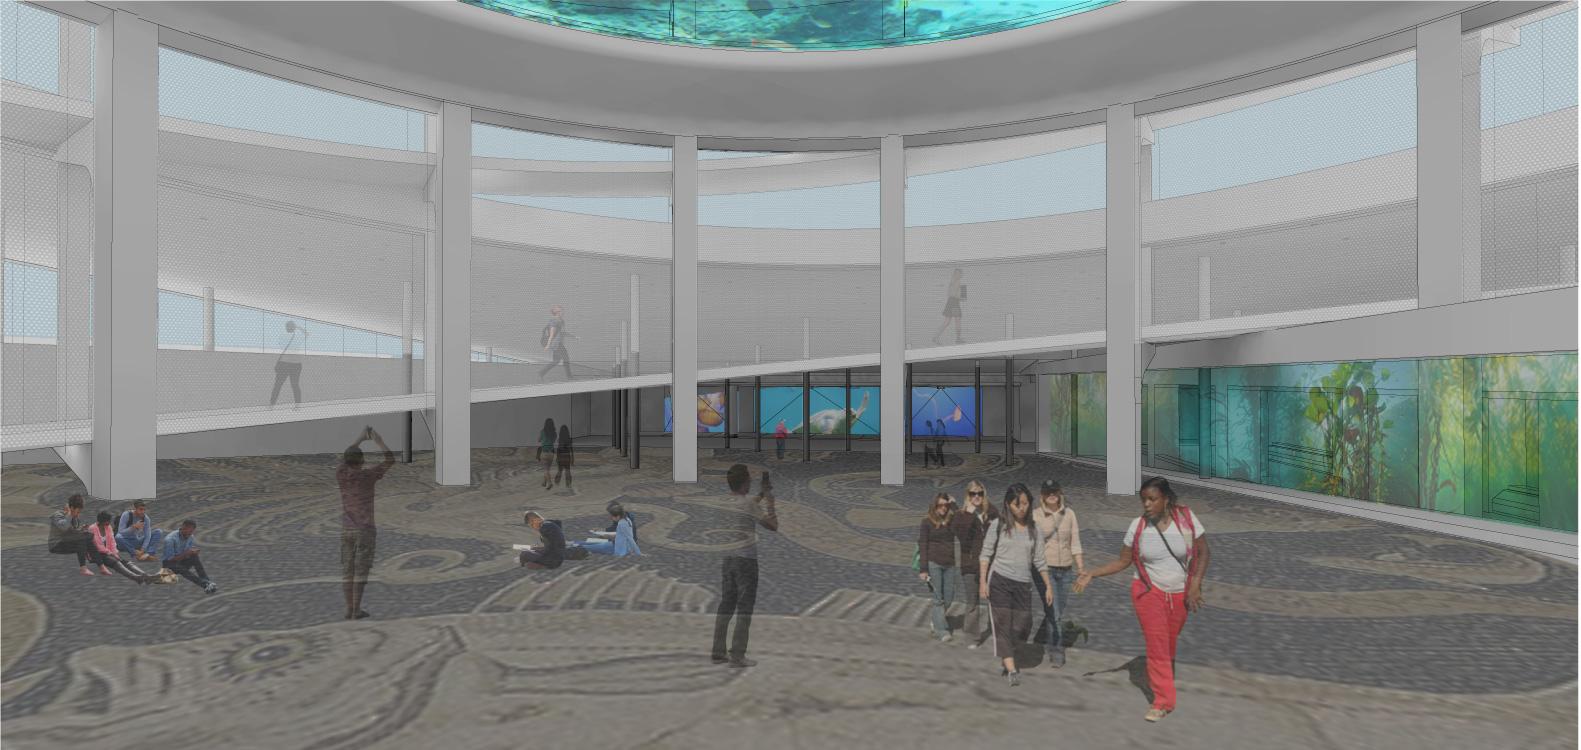 07_wunderground_aquarium_architectural_competition_perspective.jpg